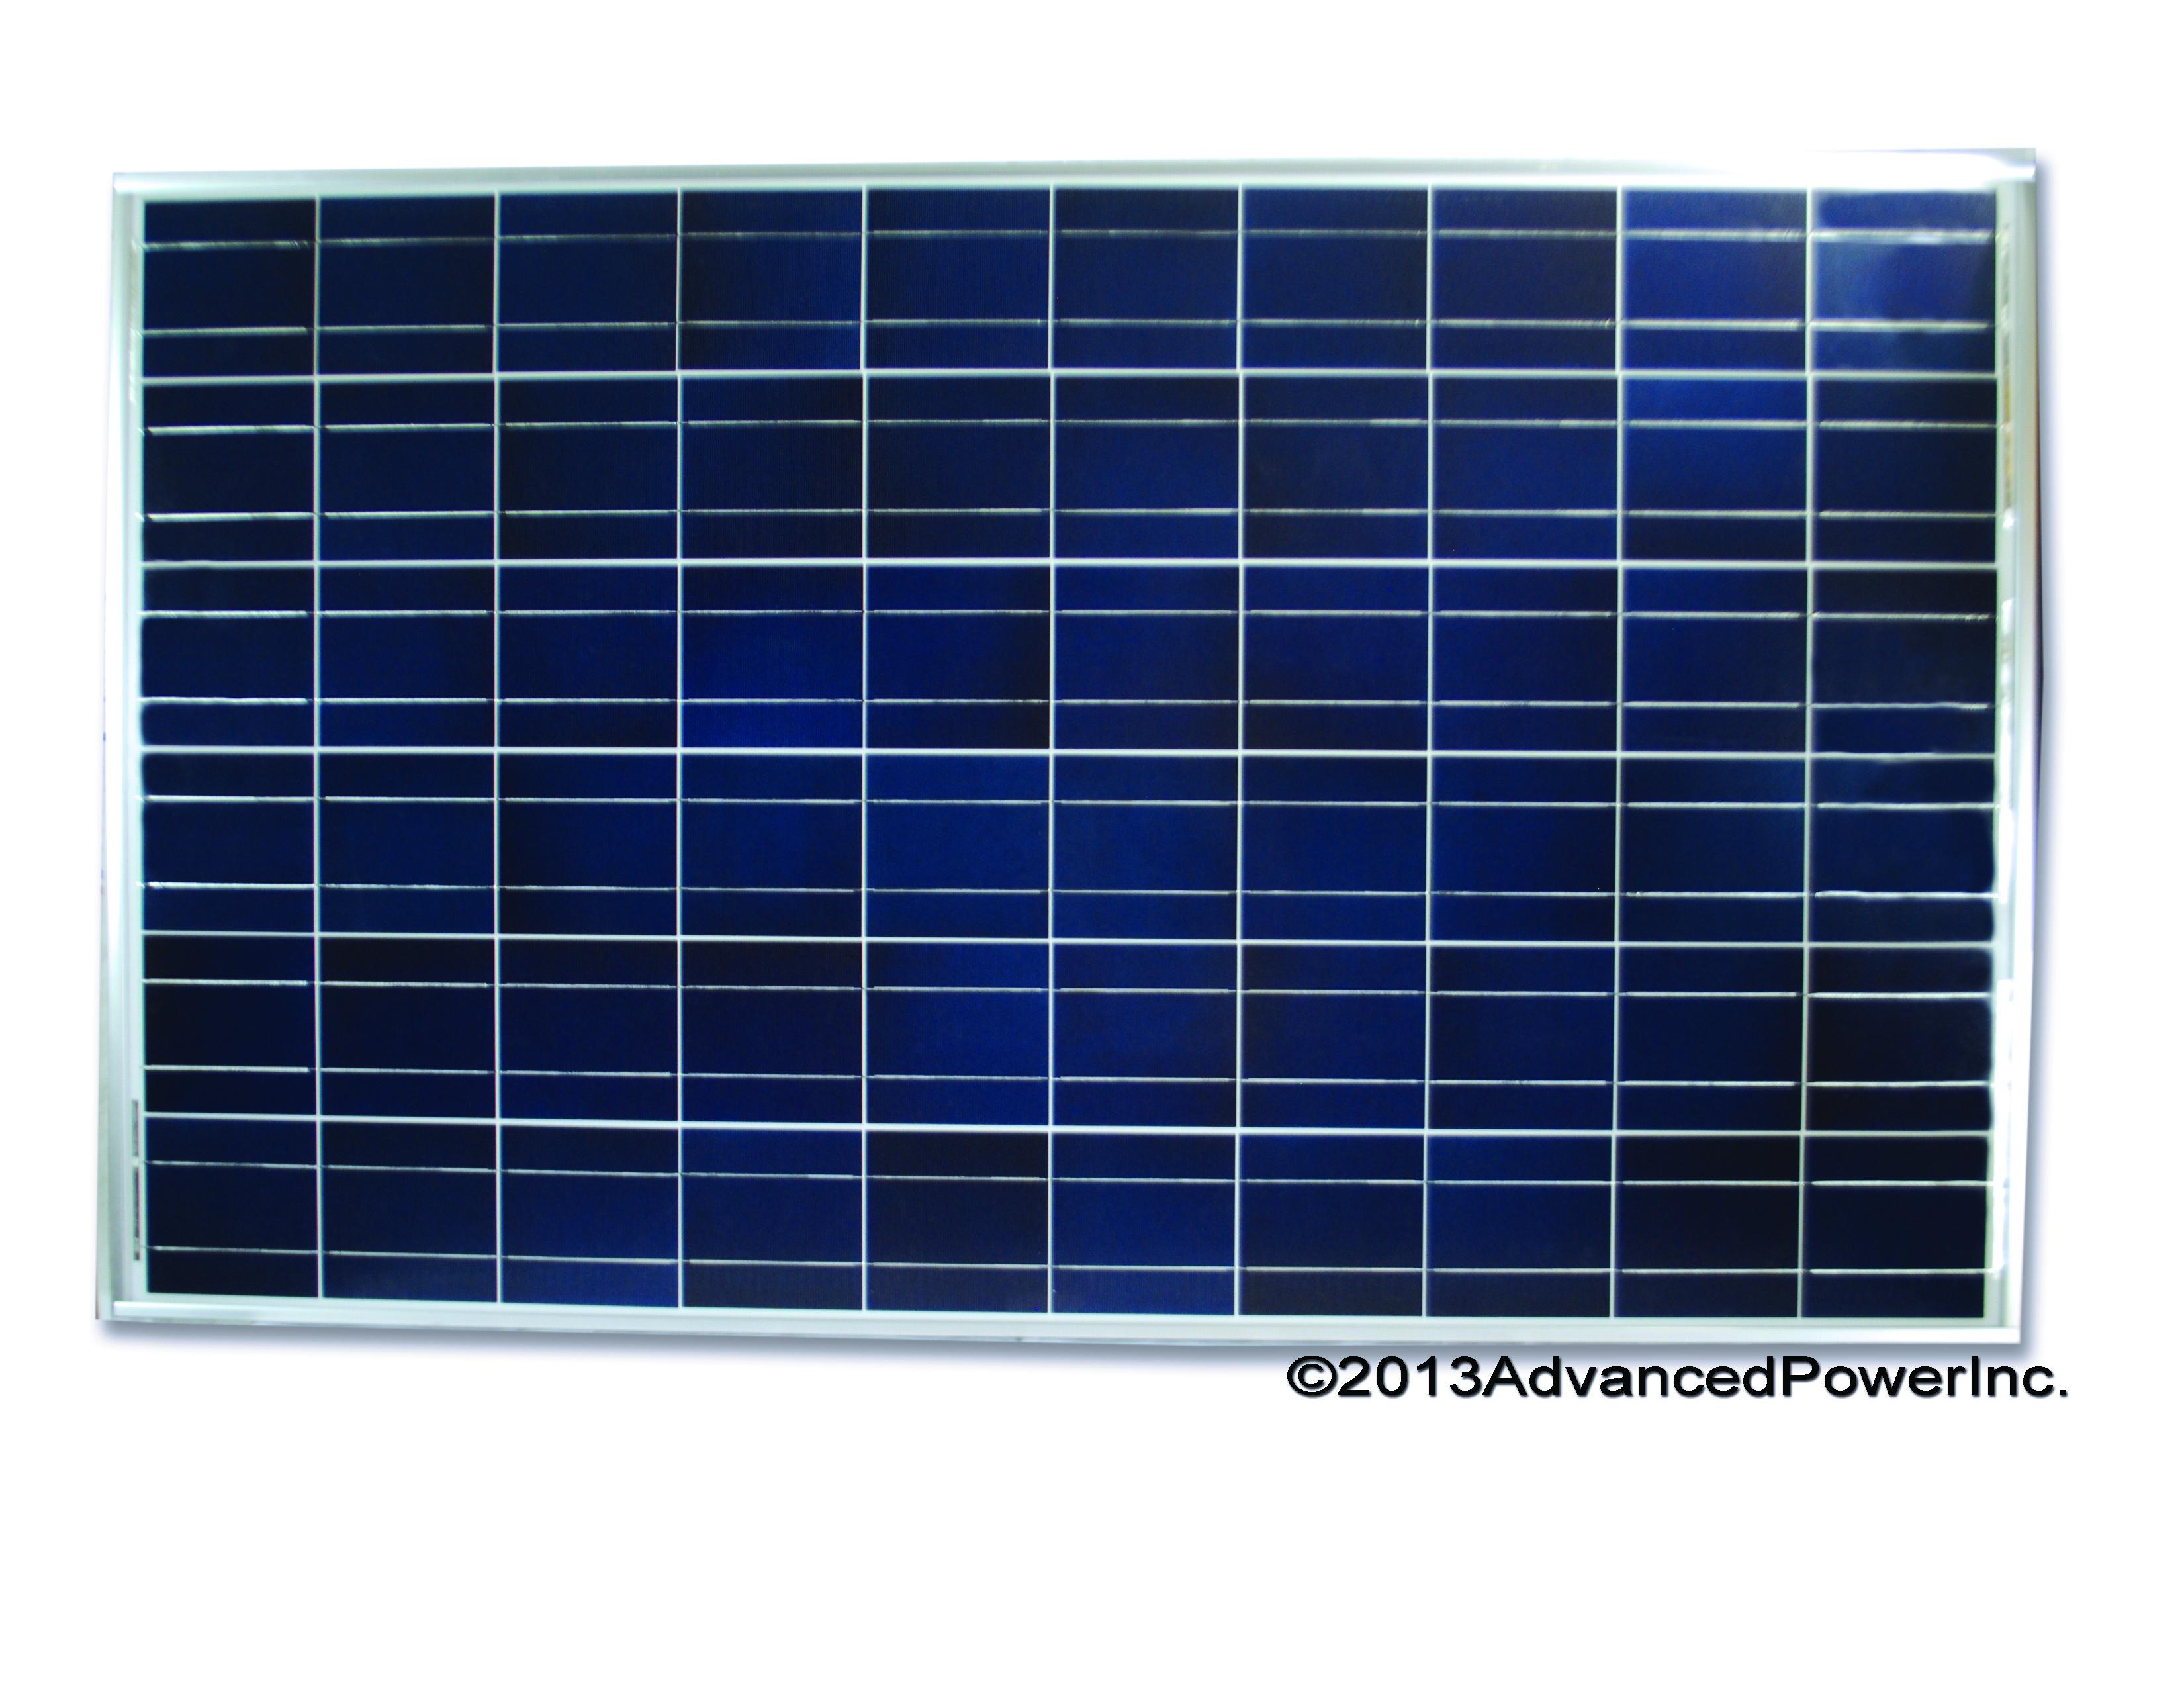 KC06-330 (2) Panel Solar Array